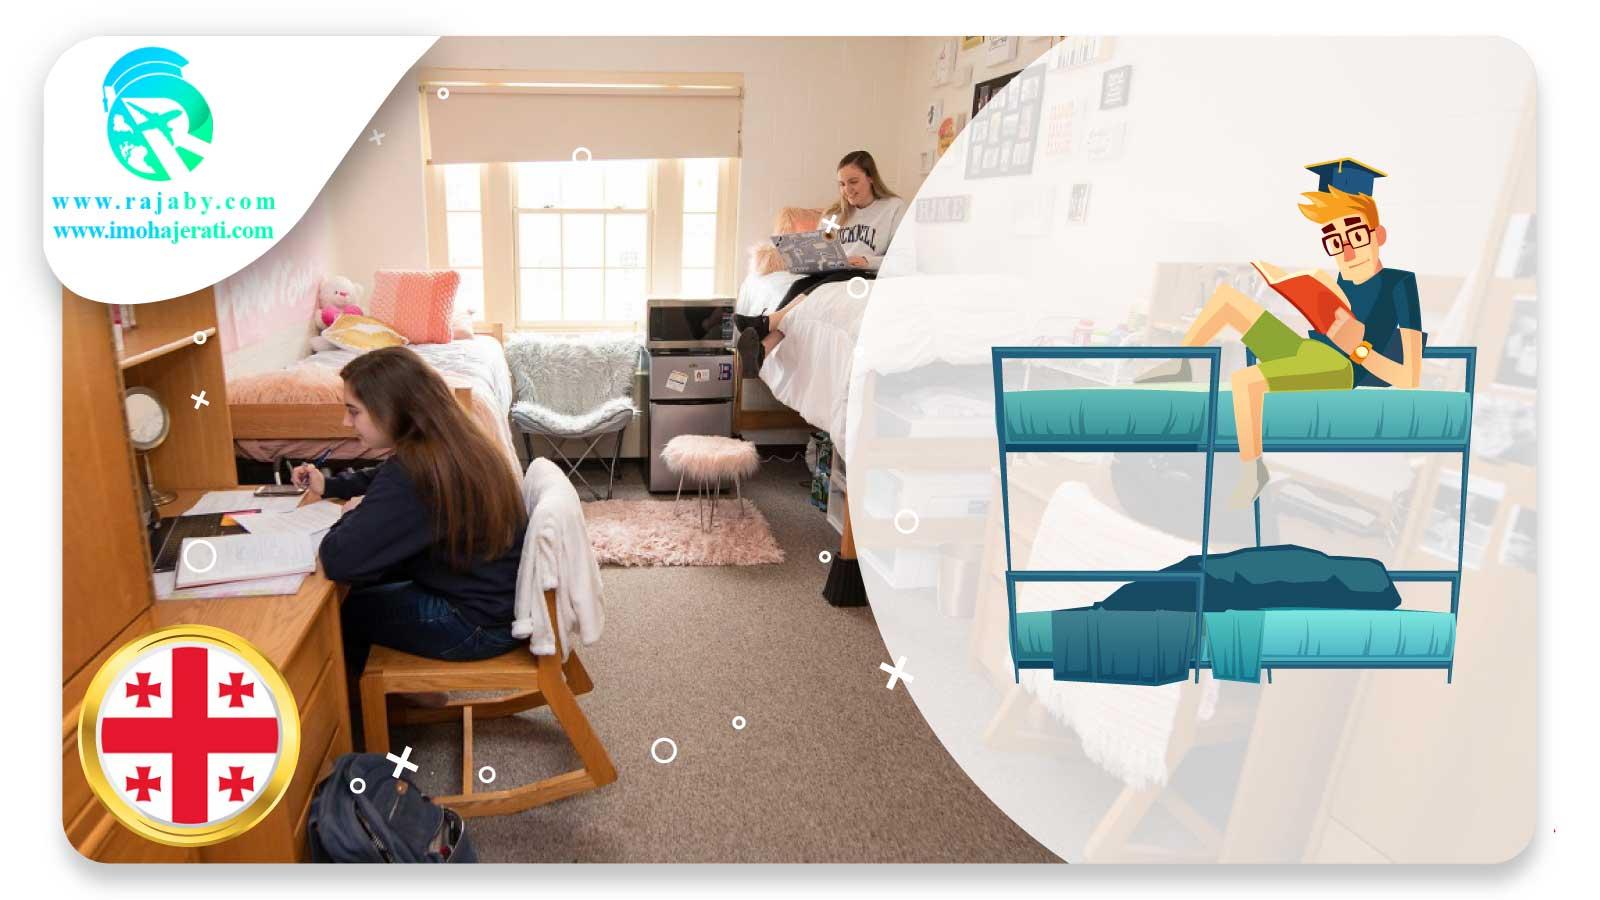 خوابگاه های دانشجویی گرجستان